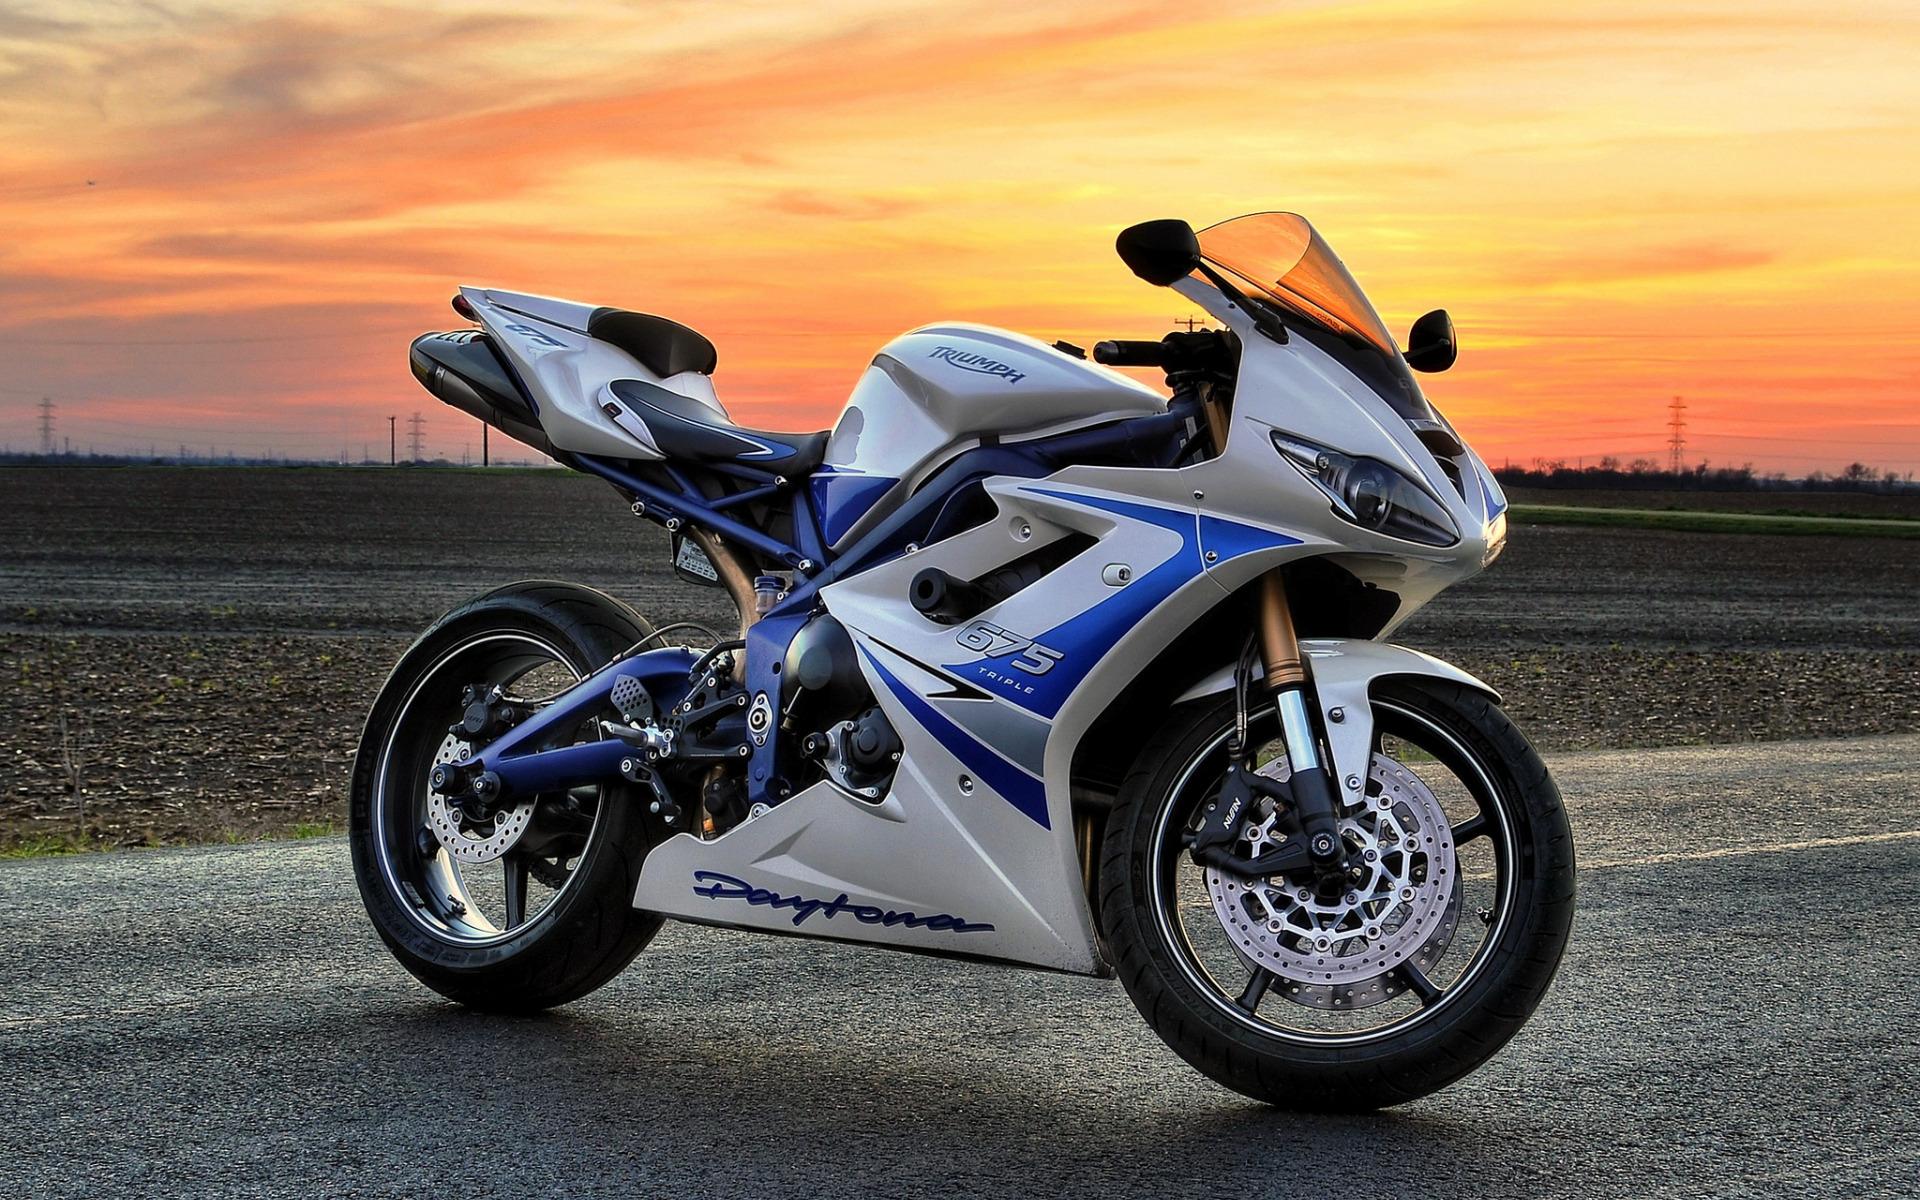 красивые фотографии мотоциклов такой